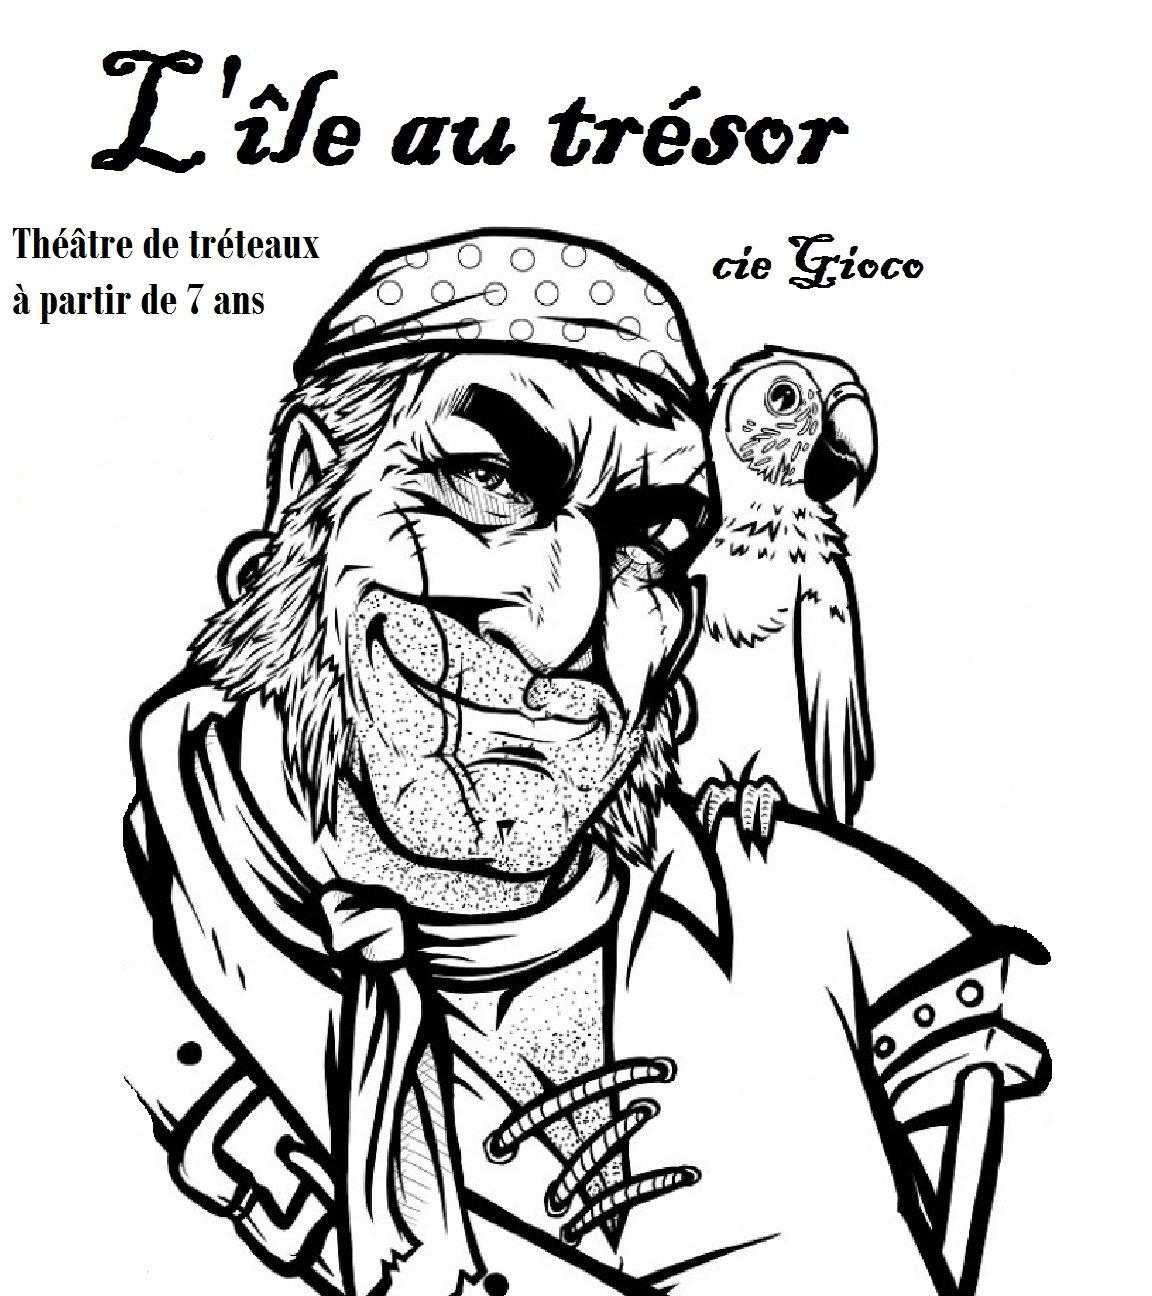 L'île au trésor dans Trièves culture & cinéma pirate